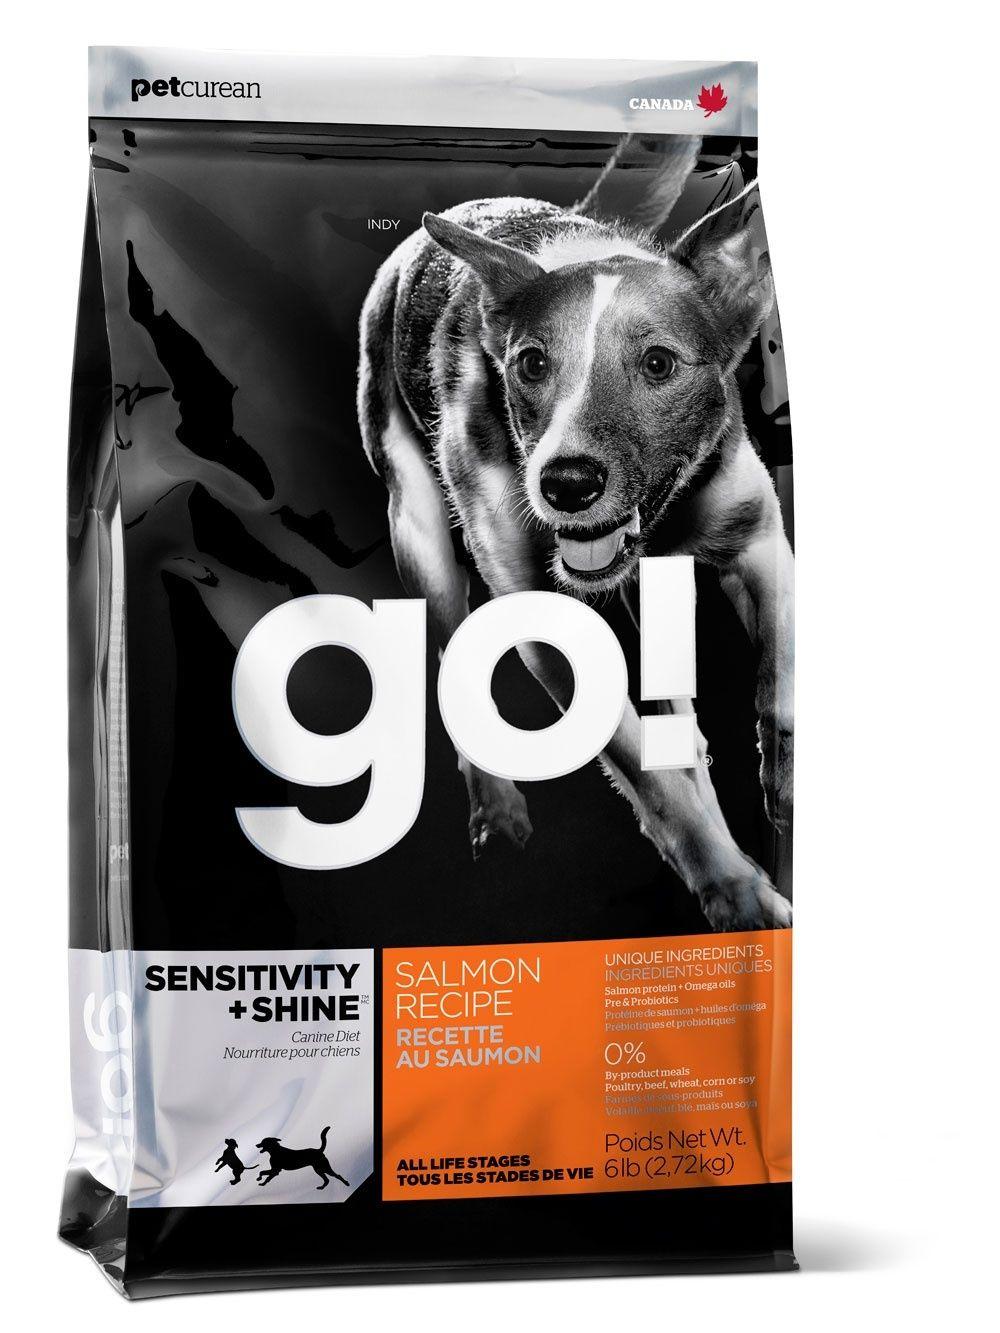 Корм GO! NATURAL для Щенков и Собак со свежим Лососем и овсянкой Sensitivity + Shine Salmon Dog Recipe 11,35кгПовседневные корма<br><br><br>Артикул: 10091<br>Бренд: GO! NATURAL Holistic<br>Вид: Сухие<br>Высота упаковки (мм): 0,11<br>Длина упаковки (мм): 0,65<br>Ширина упаковки (мм): 0,365<br>Вес брутто (кг): 11,35<br>Страна-изготовитель: Канада<br>Вес упаковки (кг): 11,35<br>Размер/порода: Все<br>Ингредиенты: Лосось<br>Для кого: Собаки